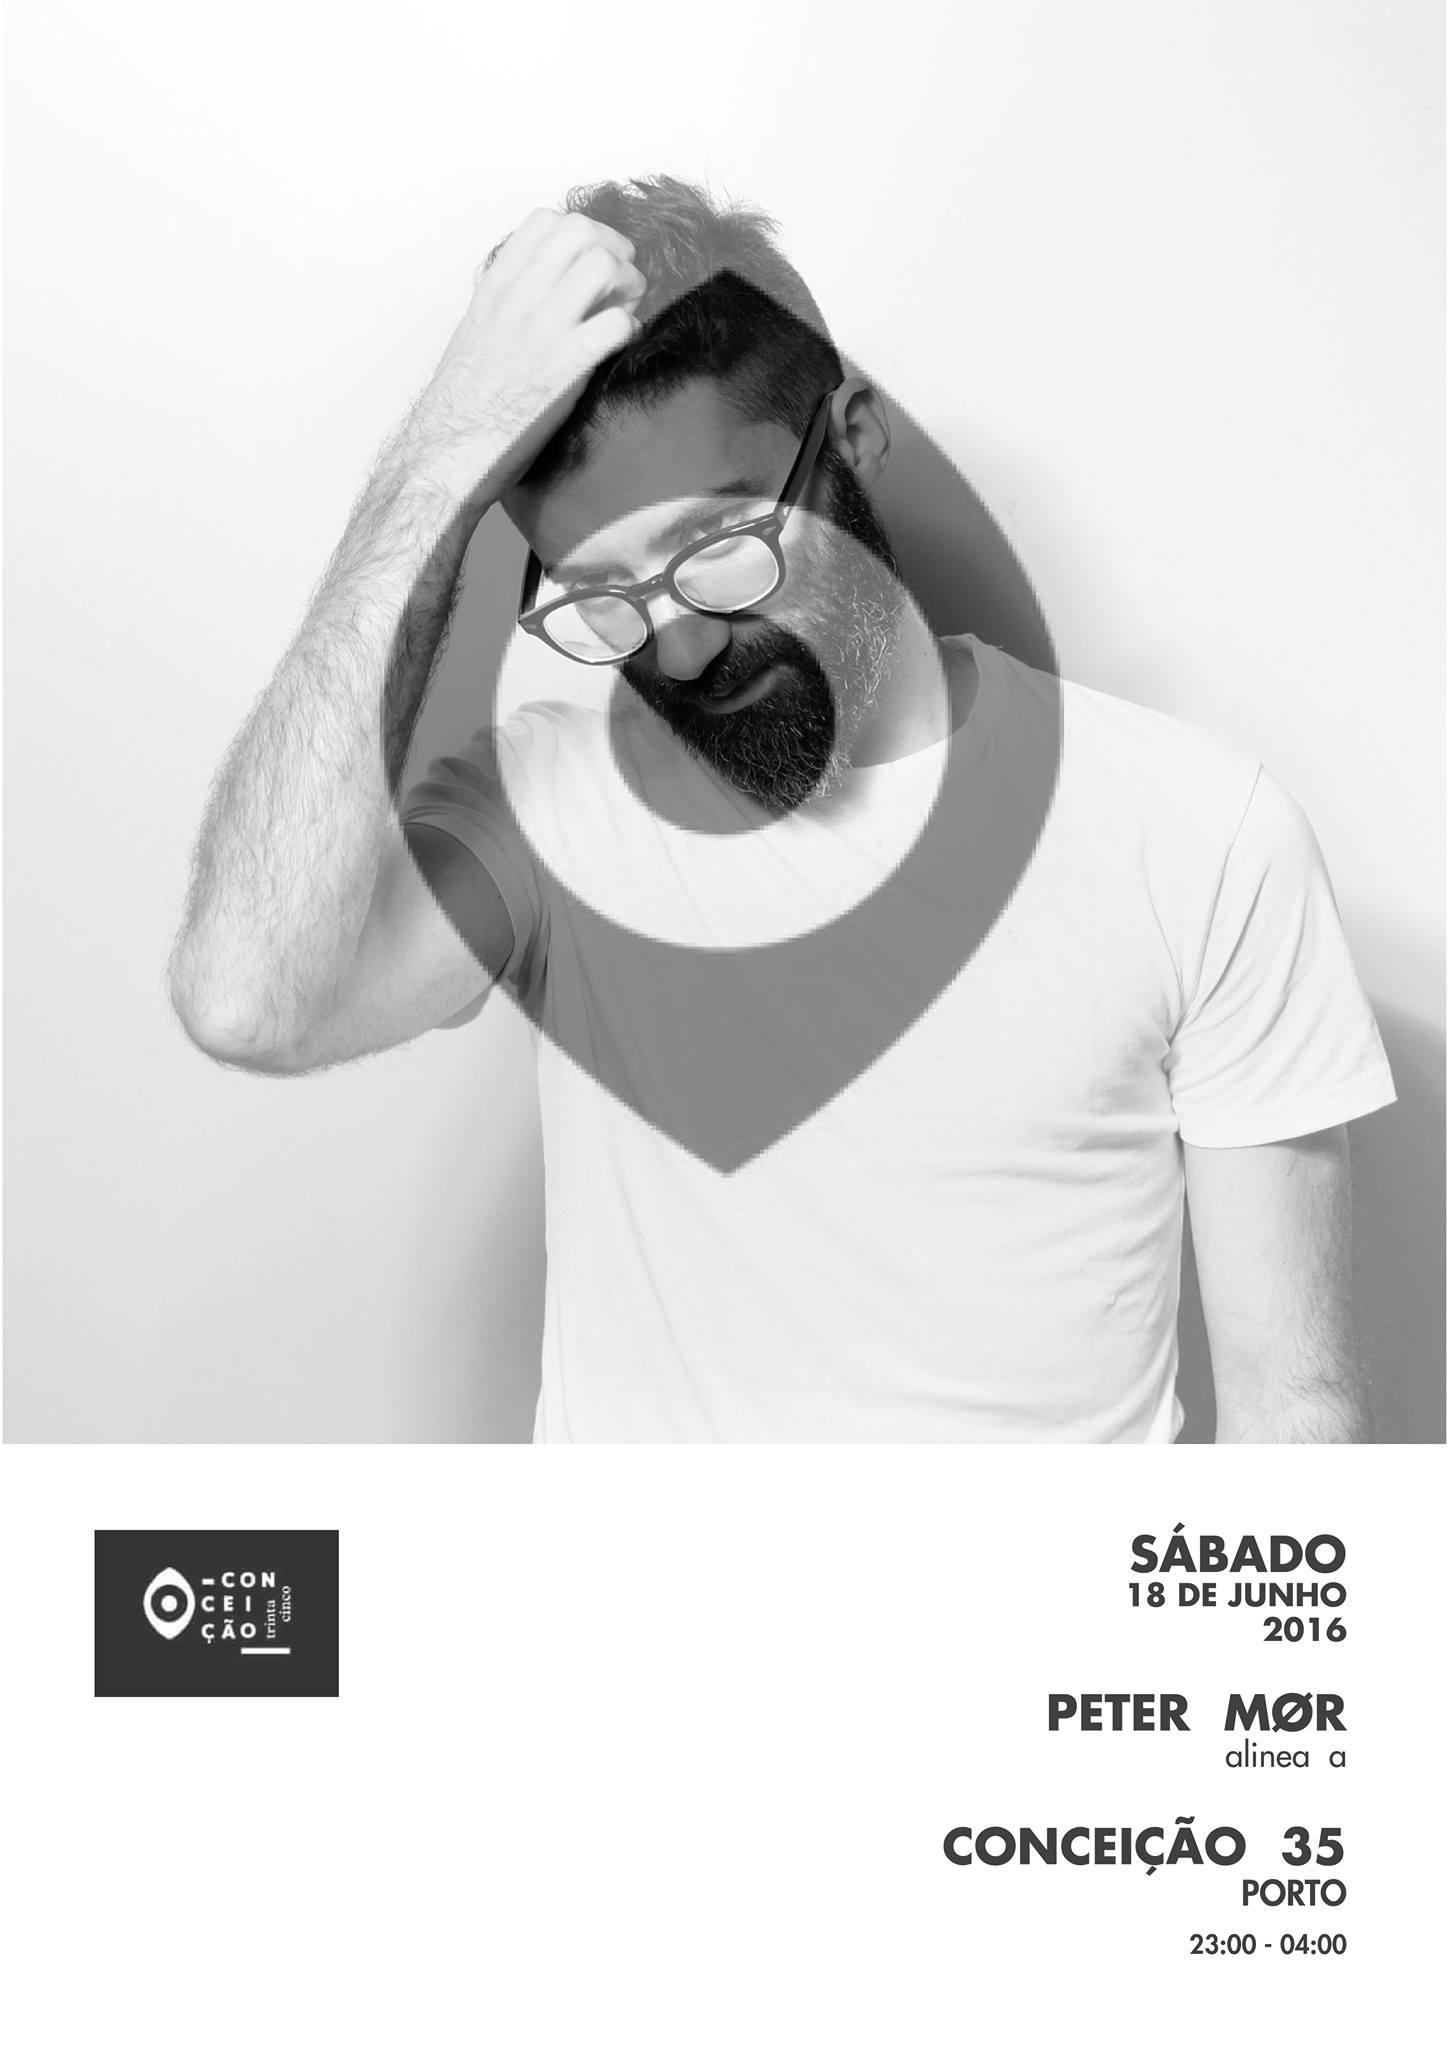 Peter Mor - Conceição 35